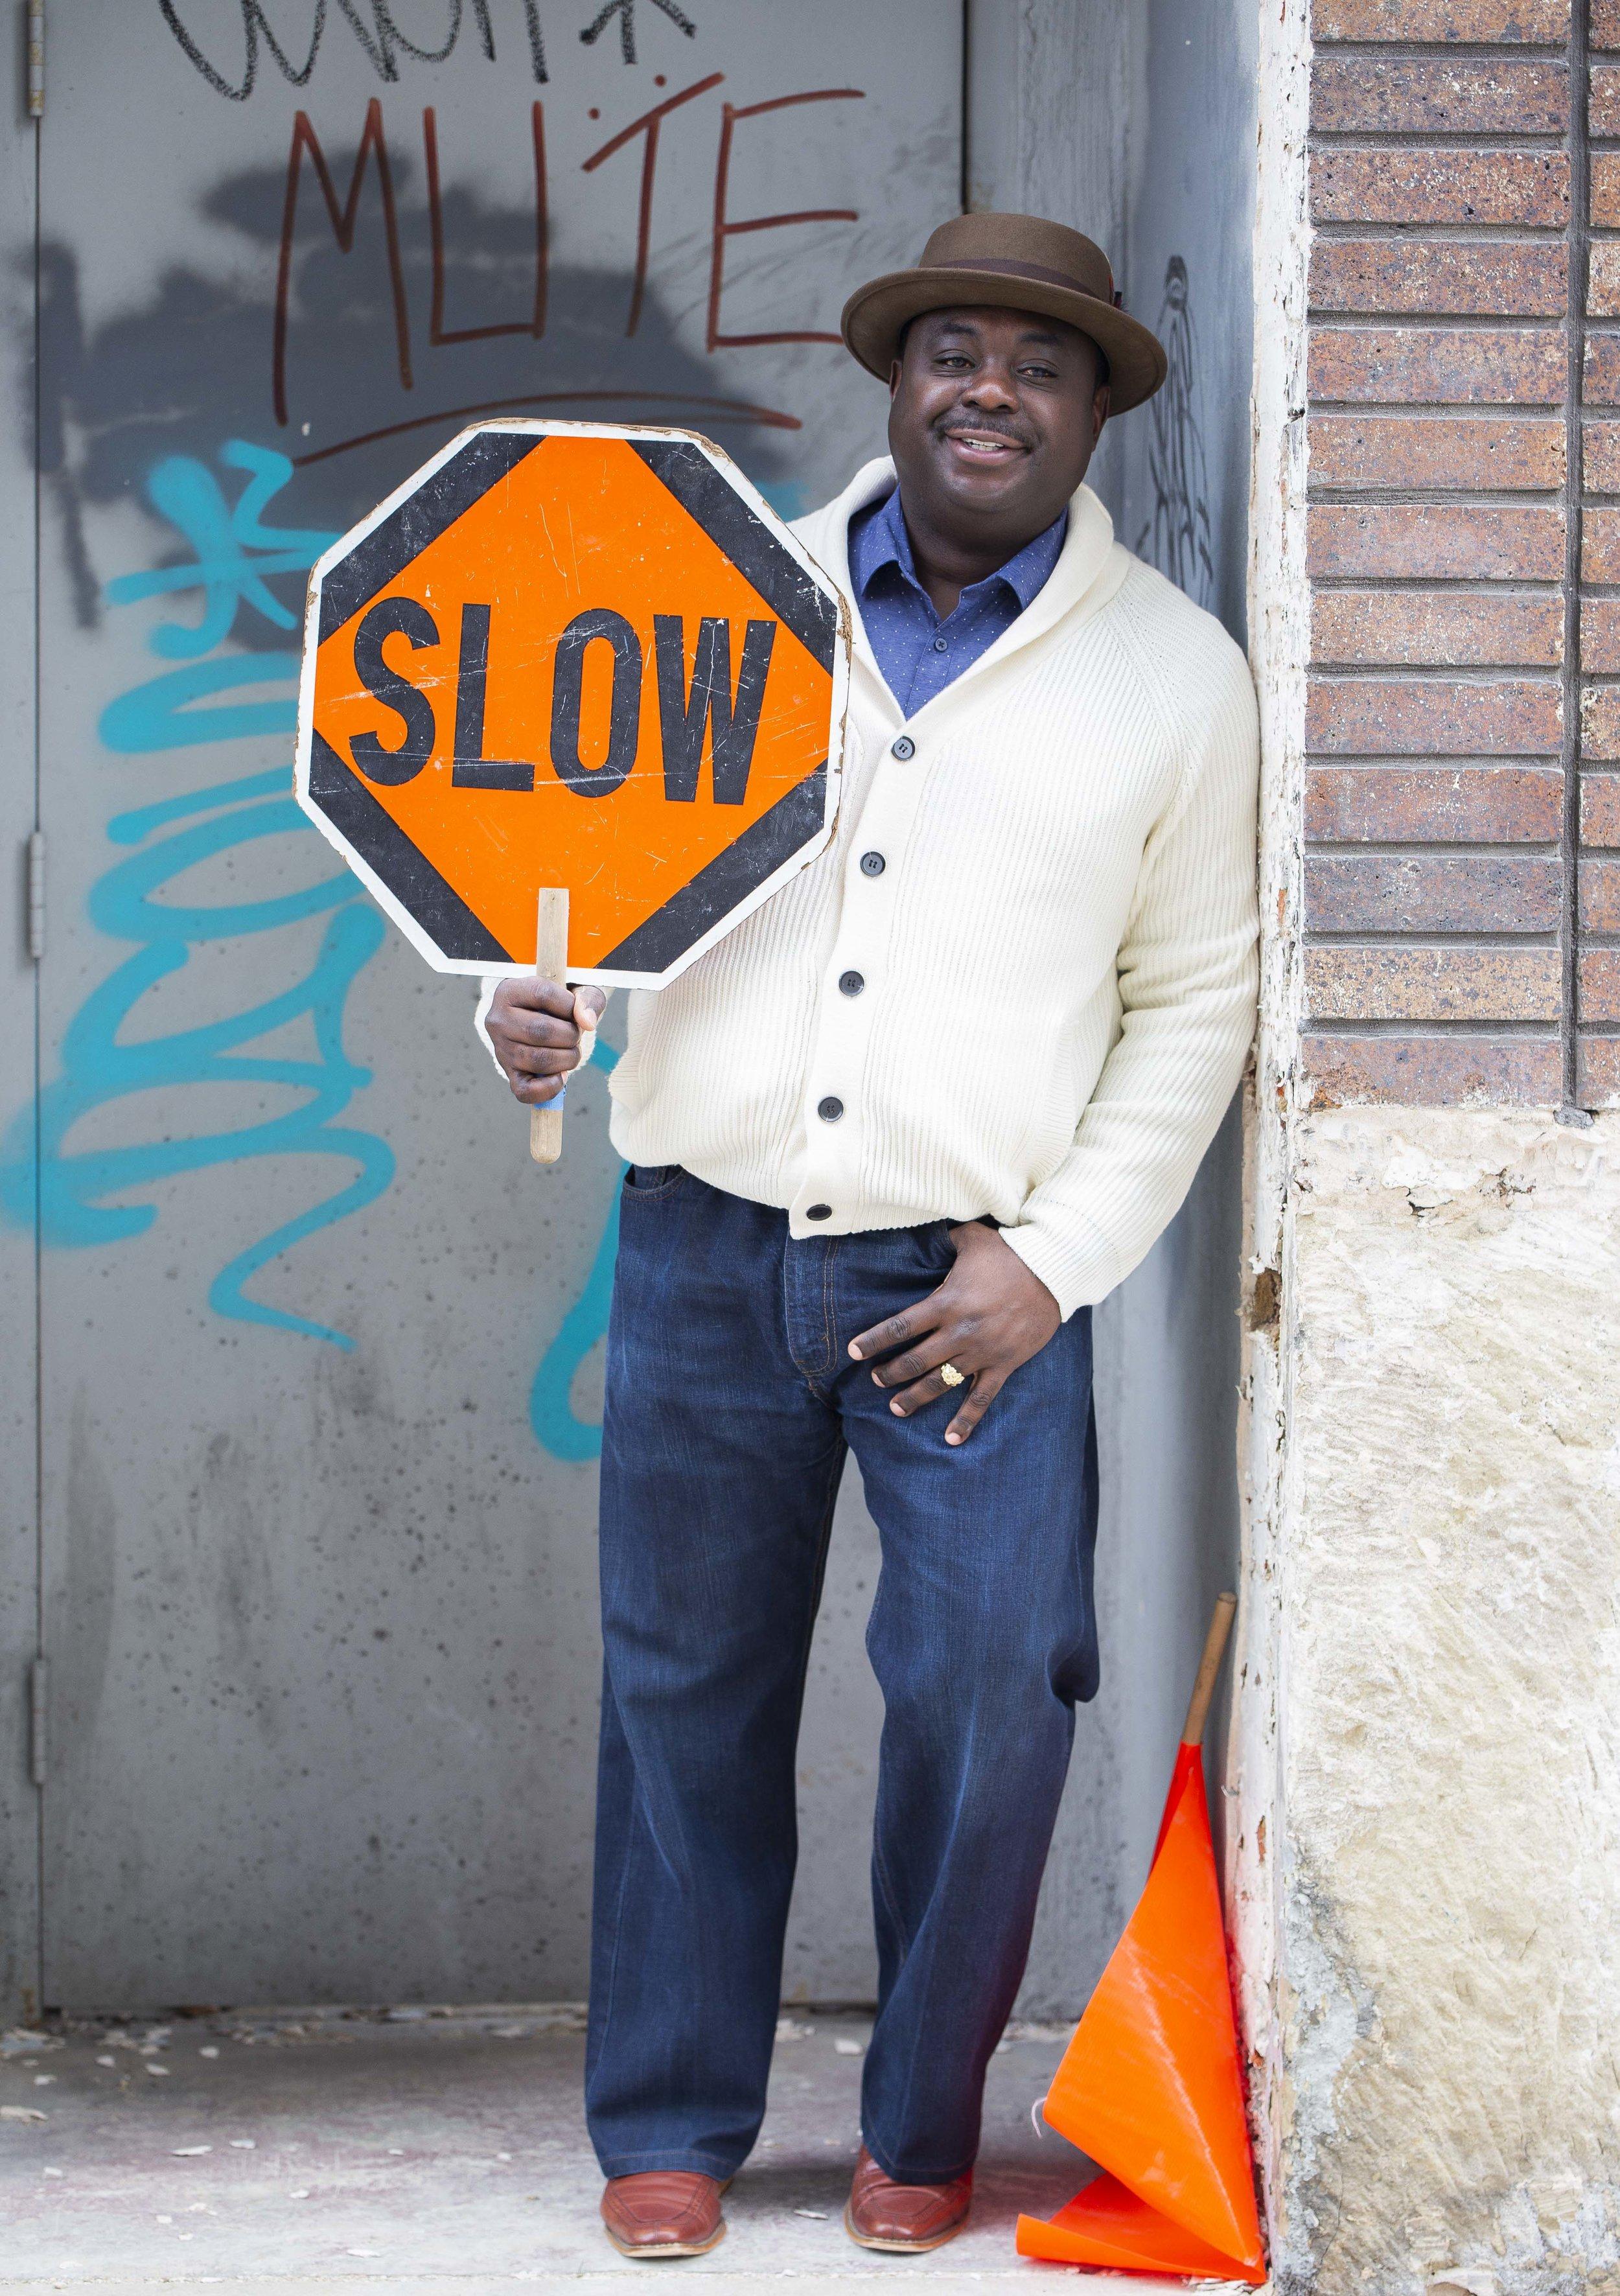 Chris Howell Feb. 26 Photo Shoot_34.JPG